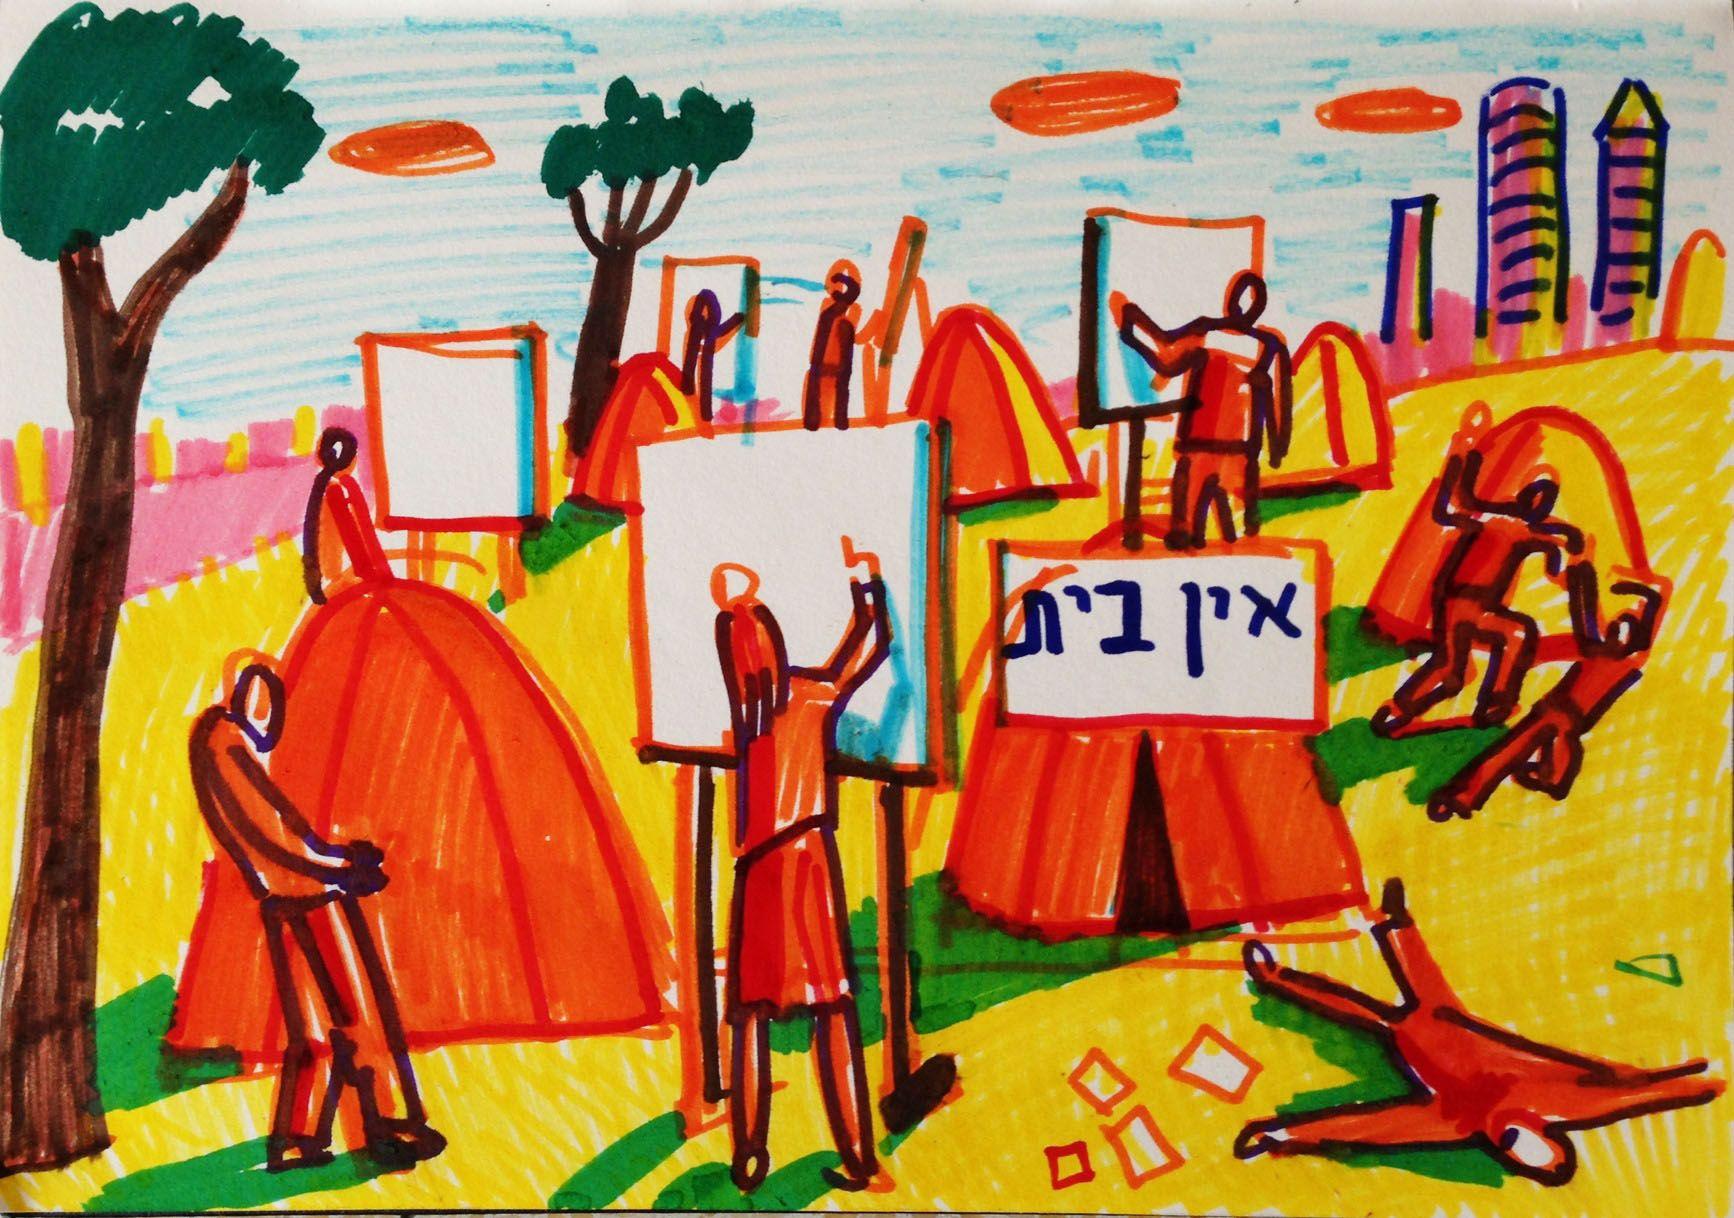 שמצלאל בגן וולובלסקי -קרני, מתחם מחוסרי הדיור בארלוזורוב http://www.facebook.com/events/1493909897505033